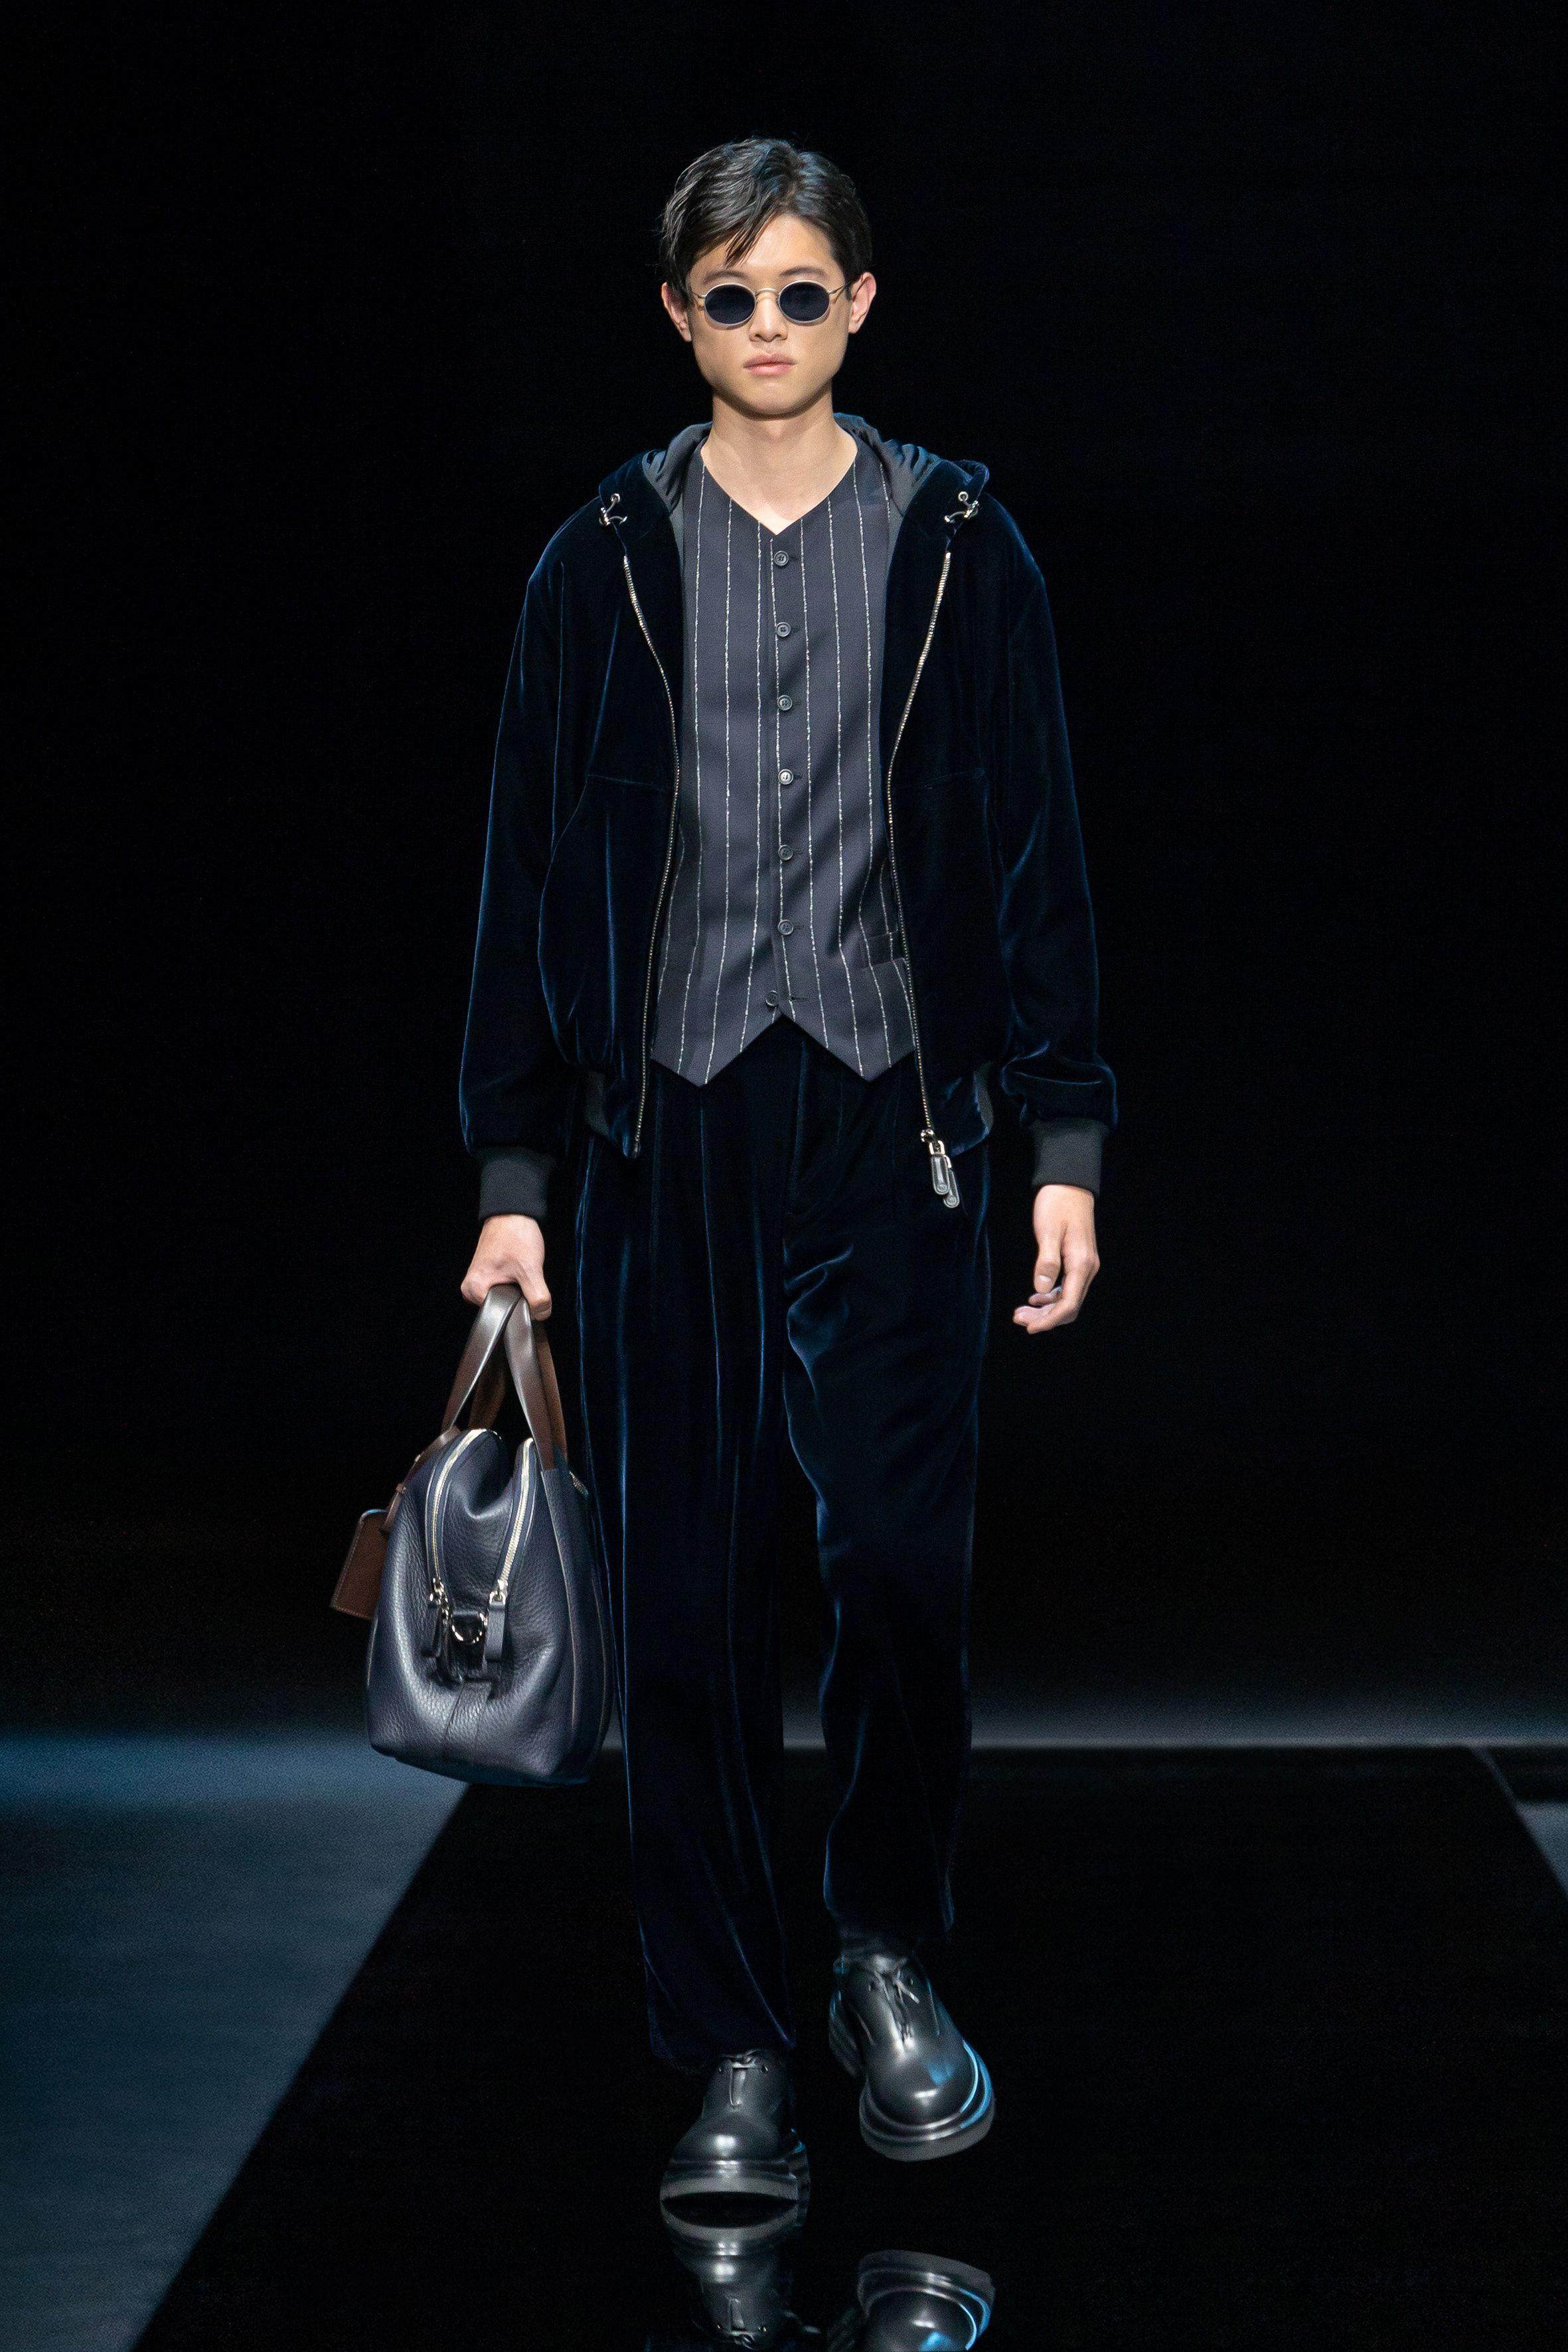 Los conjuntos de terciopelo, también fueron protagonista para la colección de hombres que presentó Giorgio Armani para su invierno 2021-2022